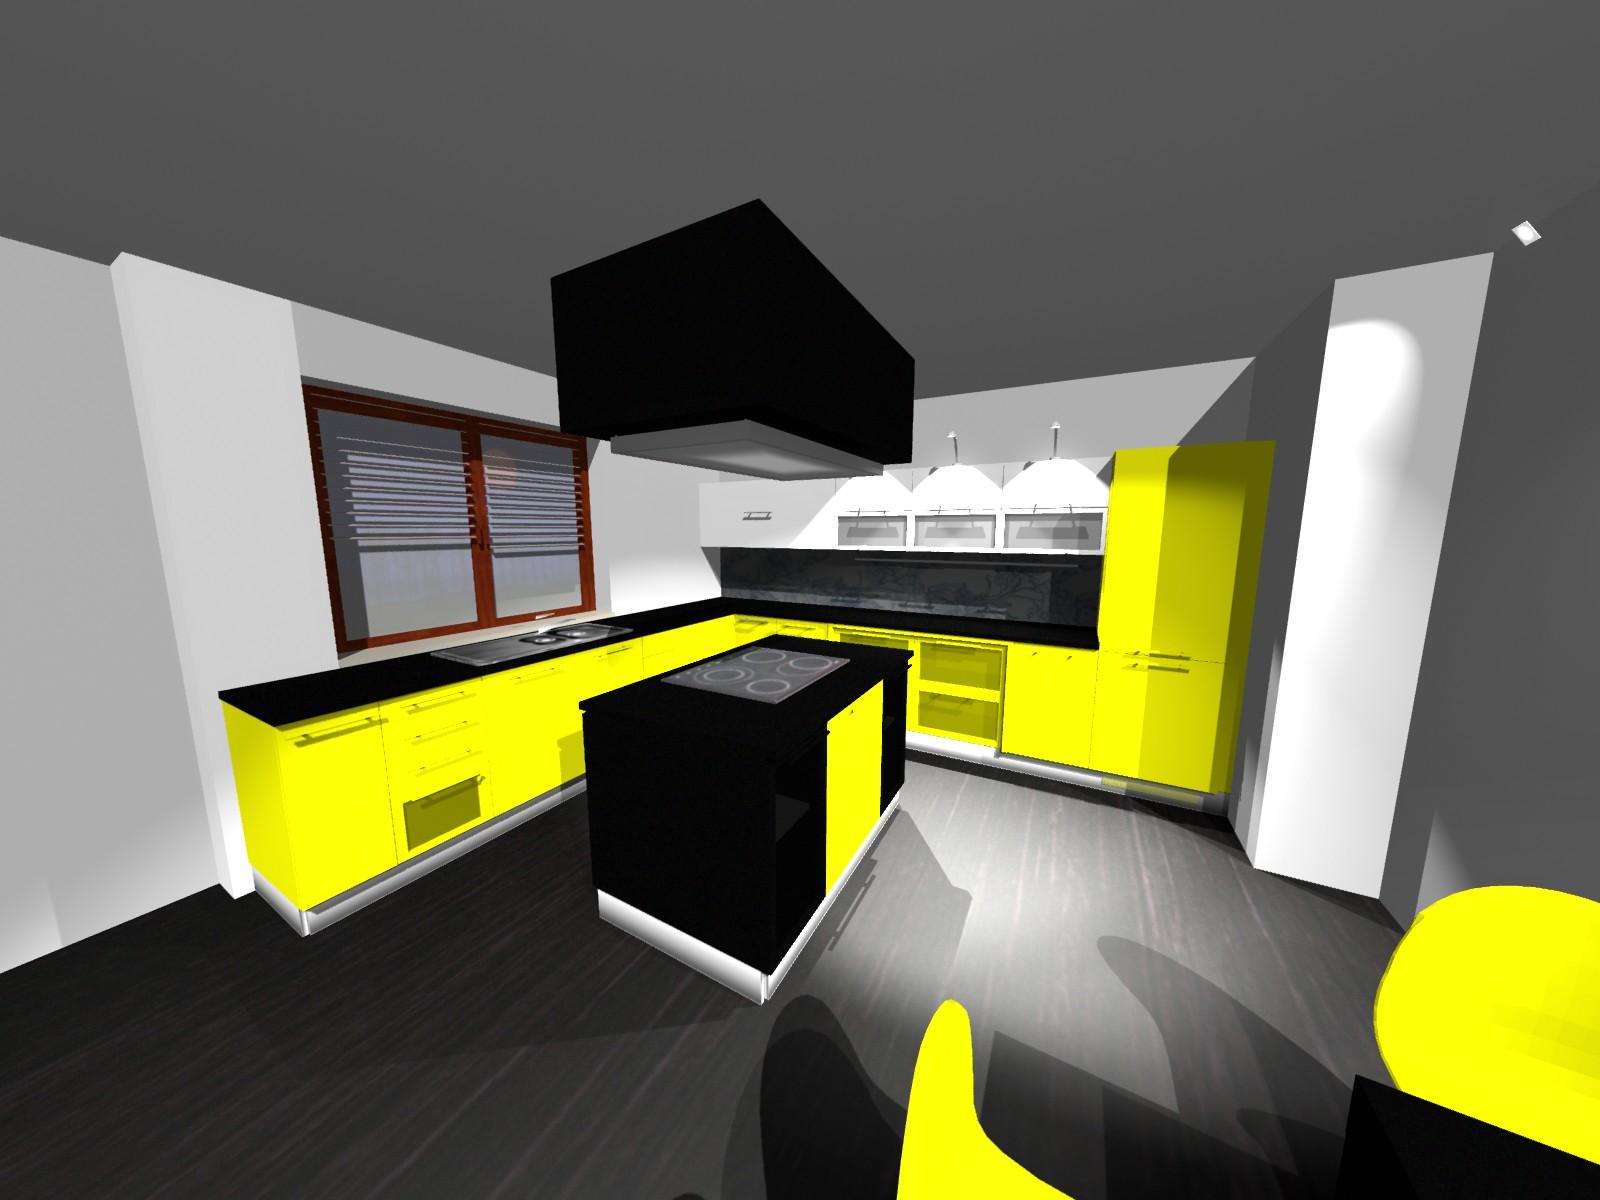 kuchyn žluta1